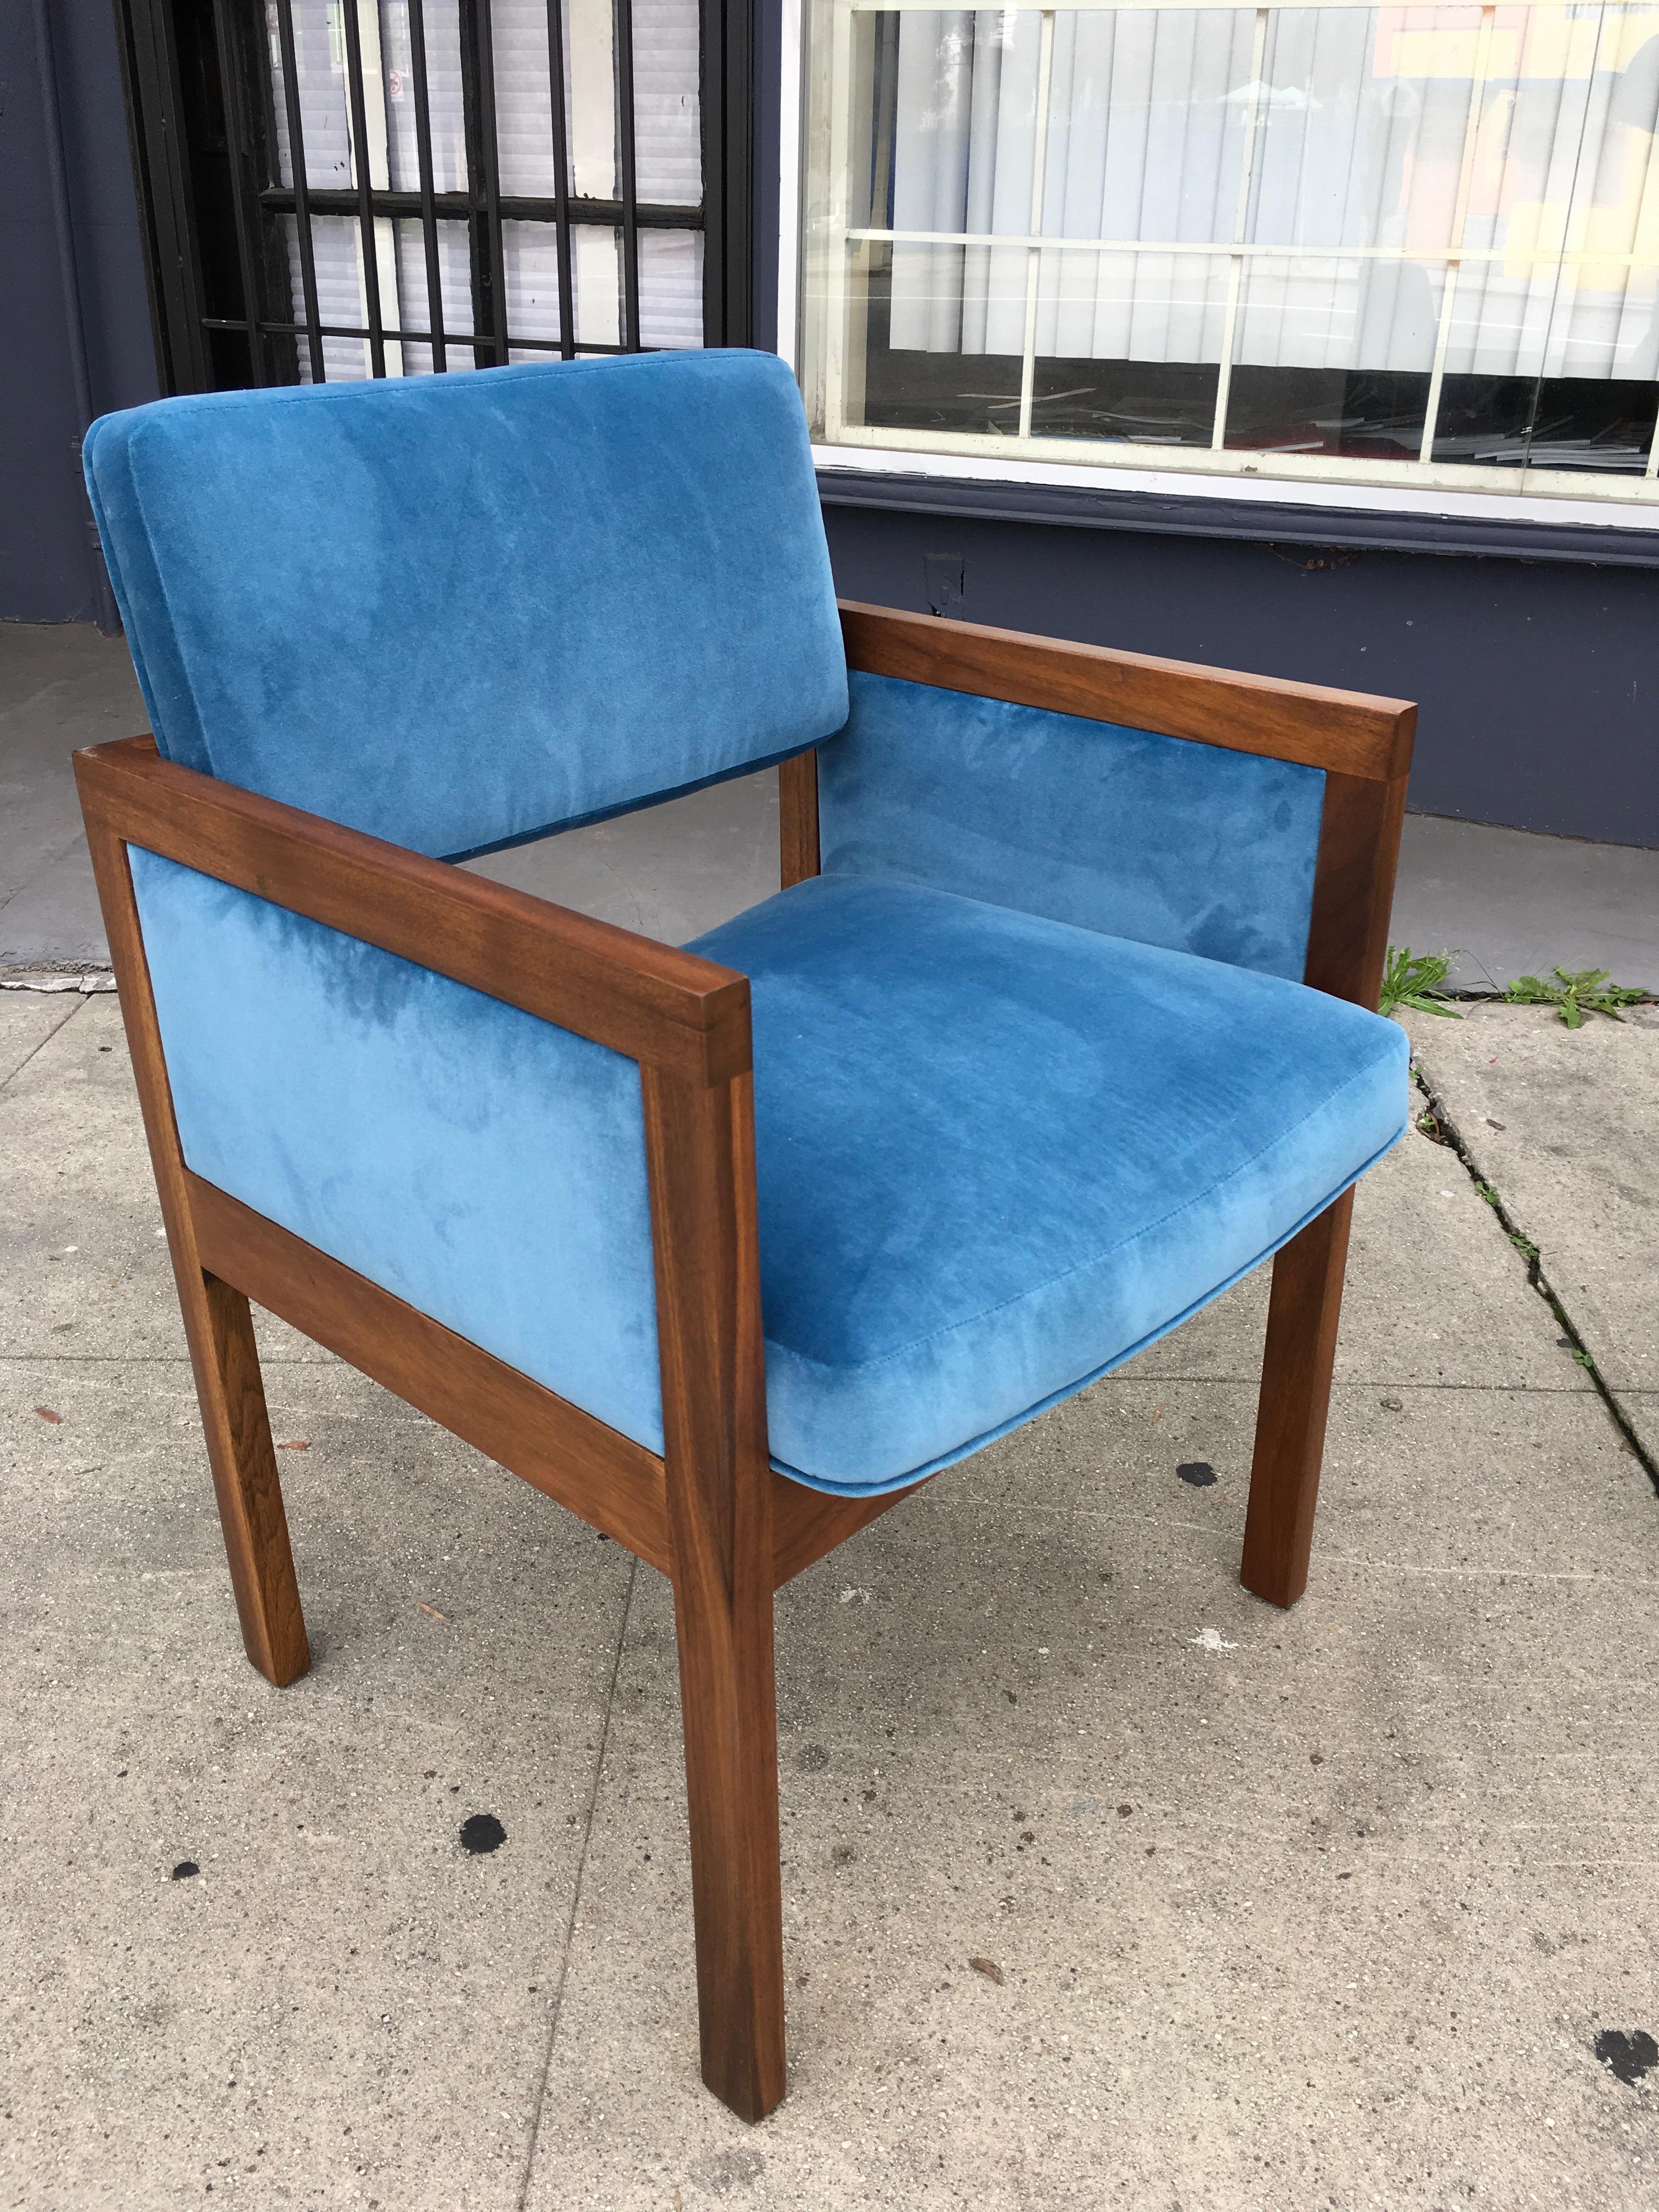 Robert John Walnut Arm Chairs In Blue Velvet   Image 8 Of 11